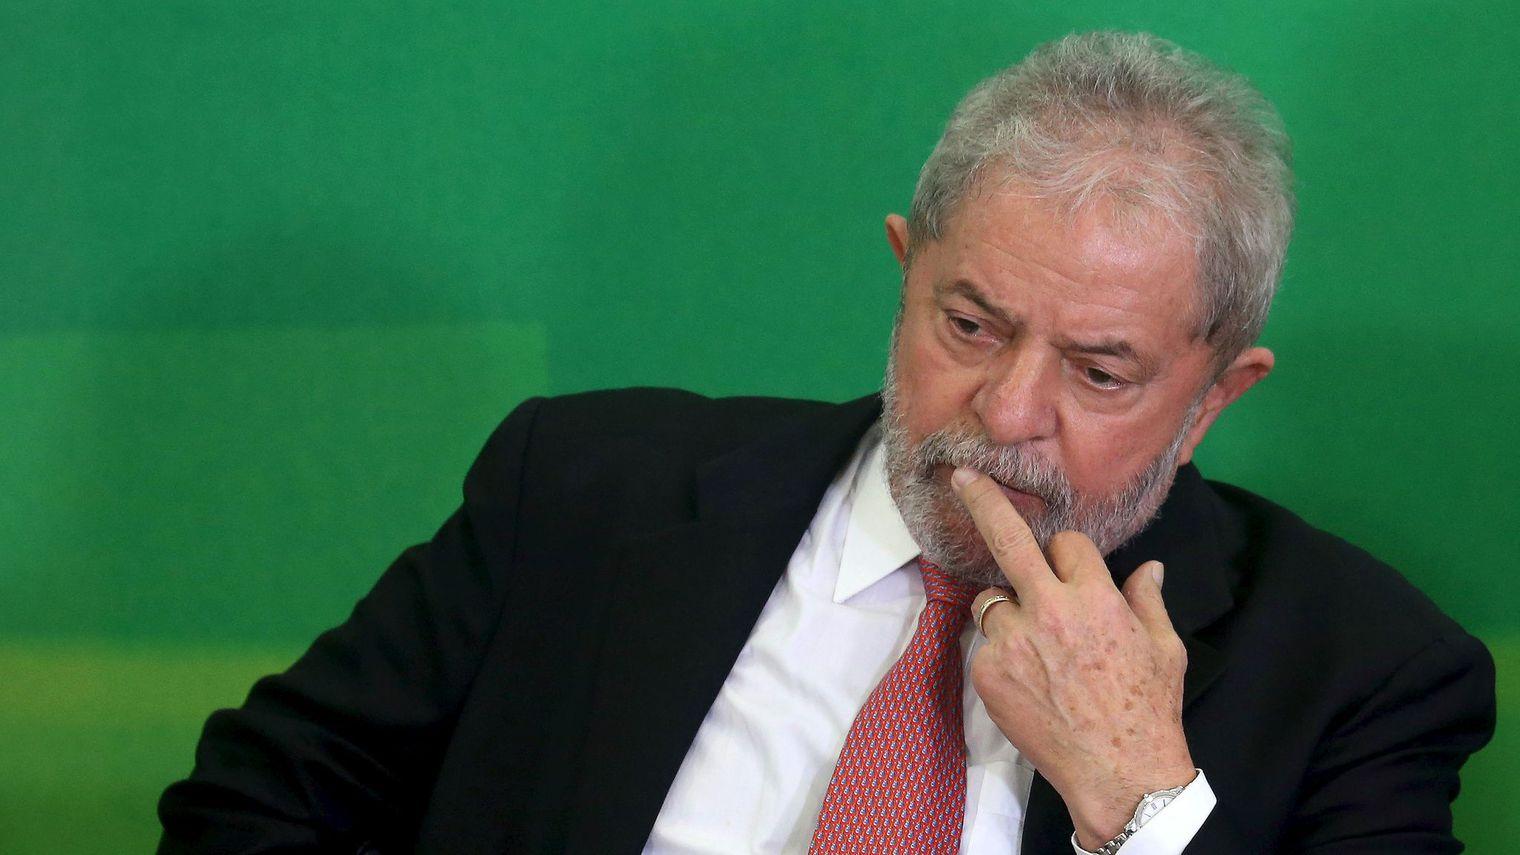 BRÉSIL : L'ex-président Lula inculpé pour corruption et blanchiment d'argent